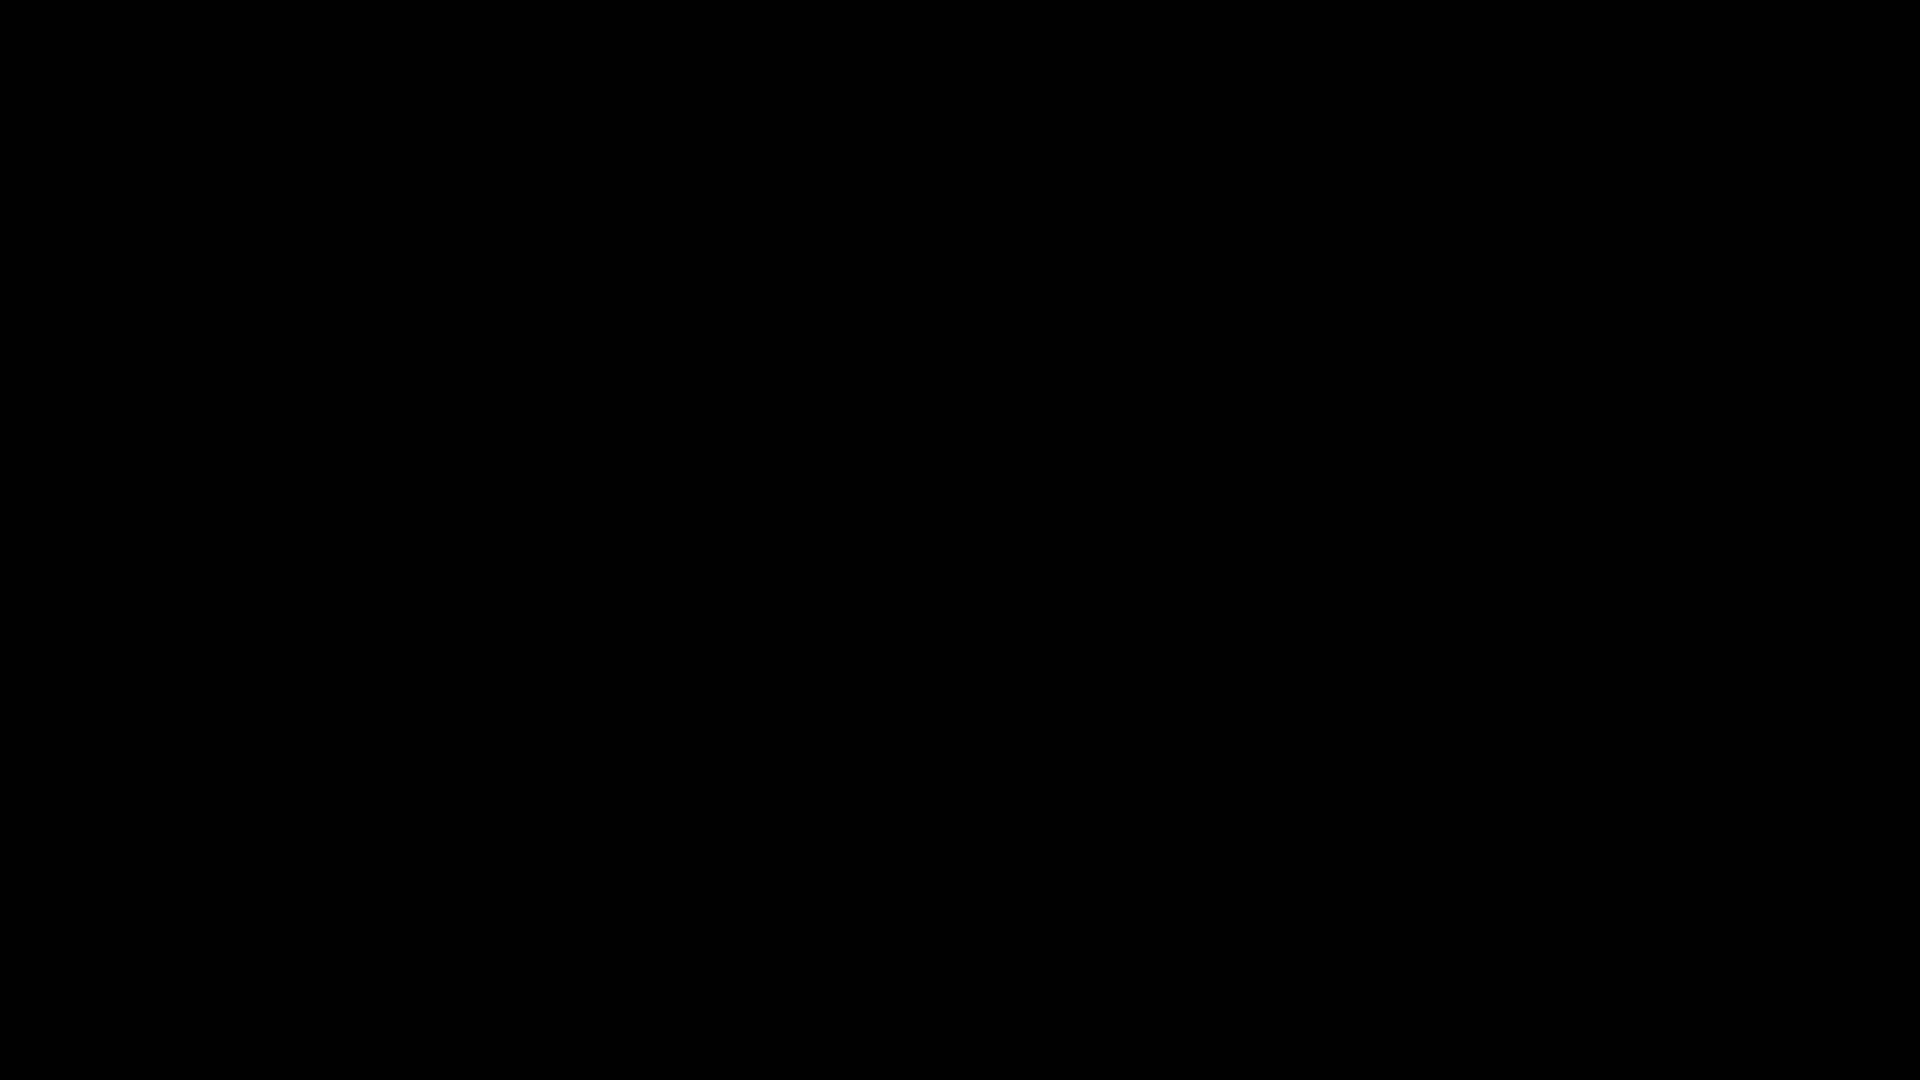 60fpsgaminggifs, transistor, [Transistor] Logo GIFs